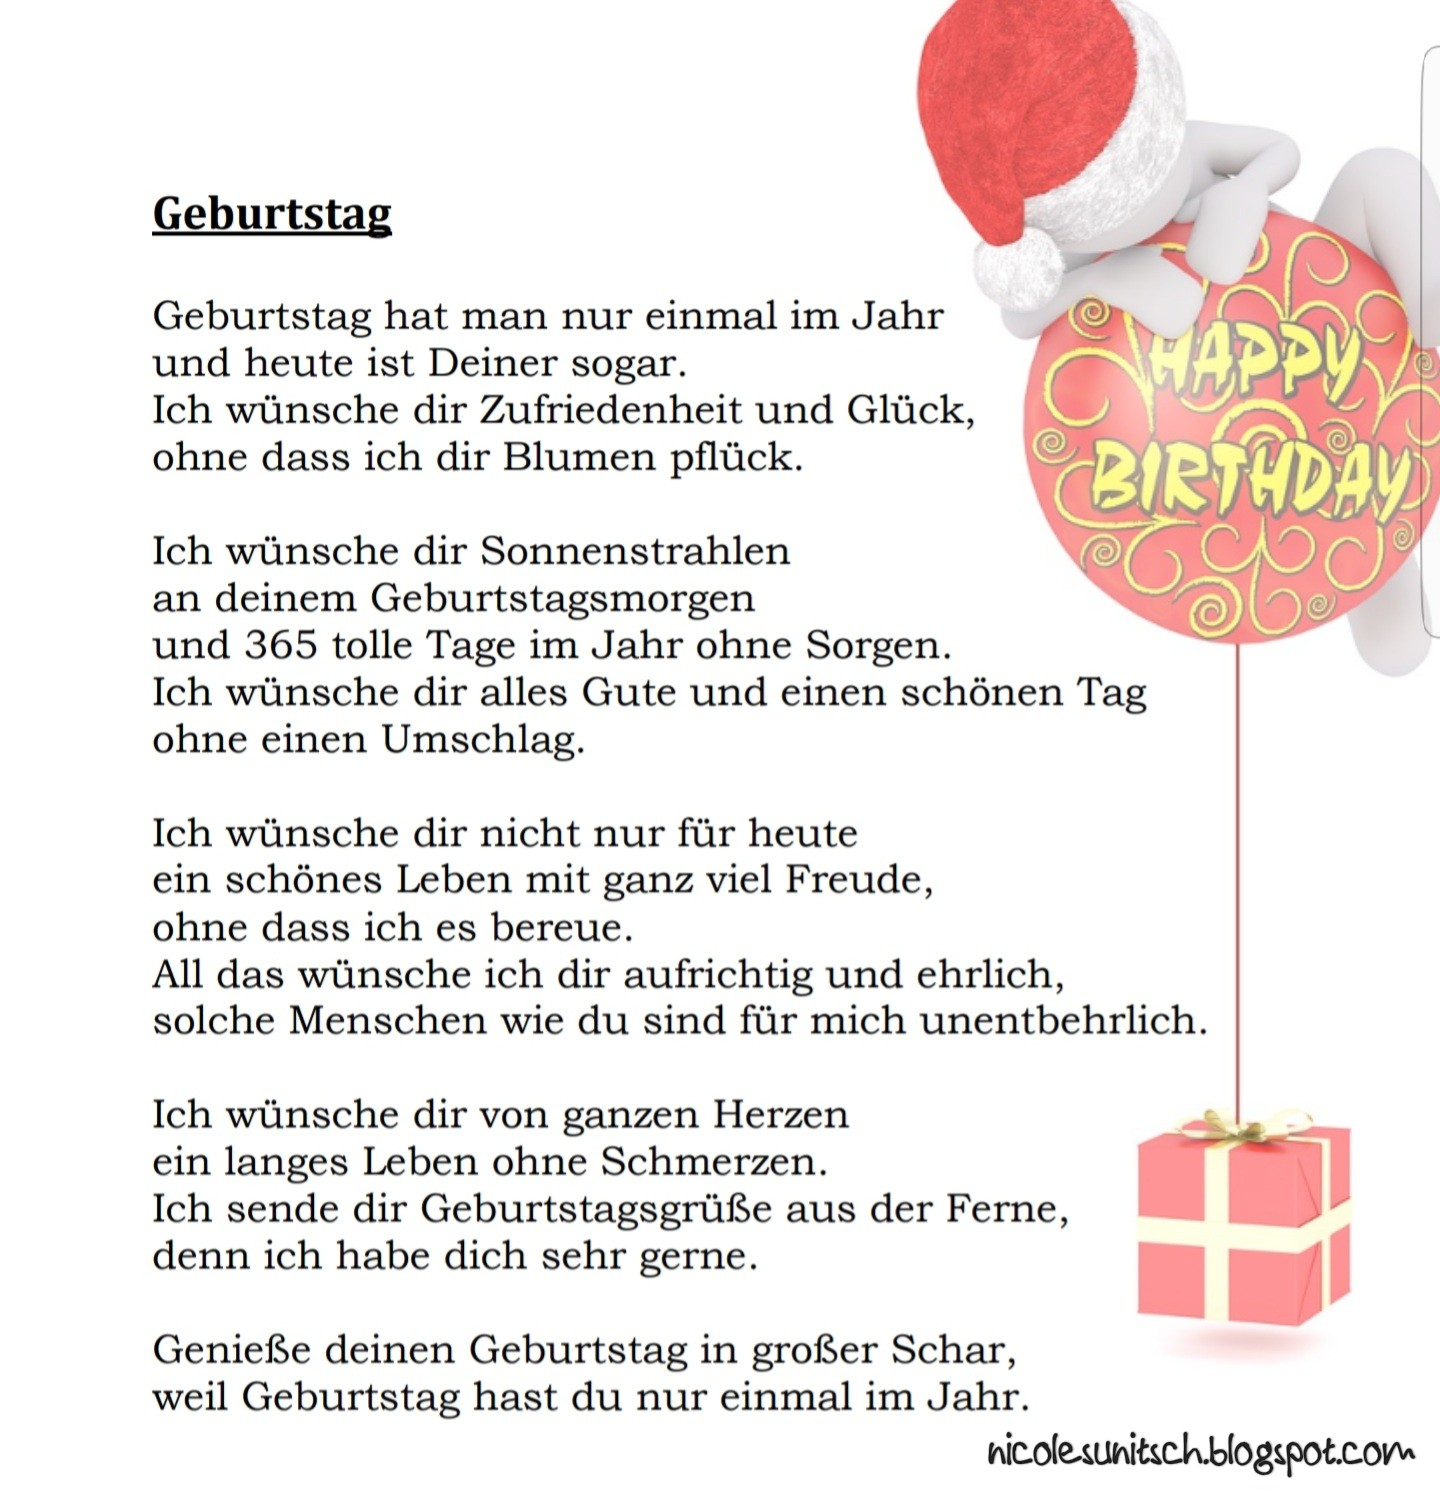 Gedichte von Nicole Sunitsch - Autorin : Geburtstag